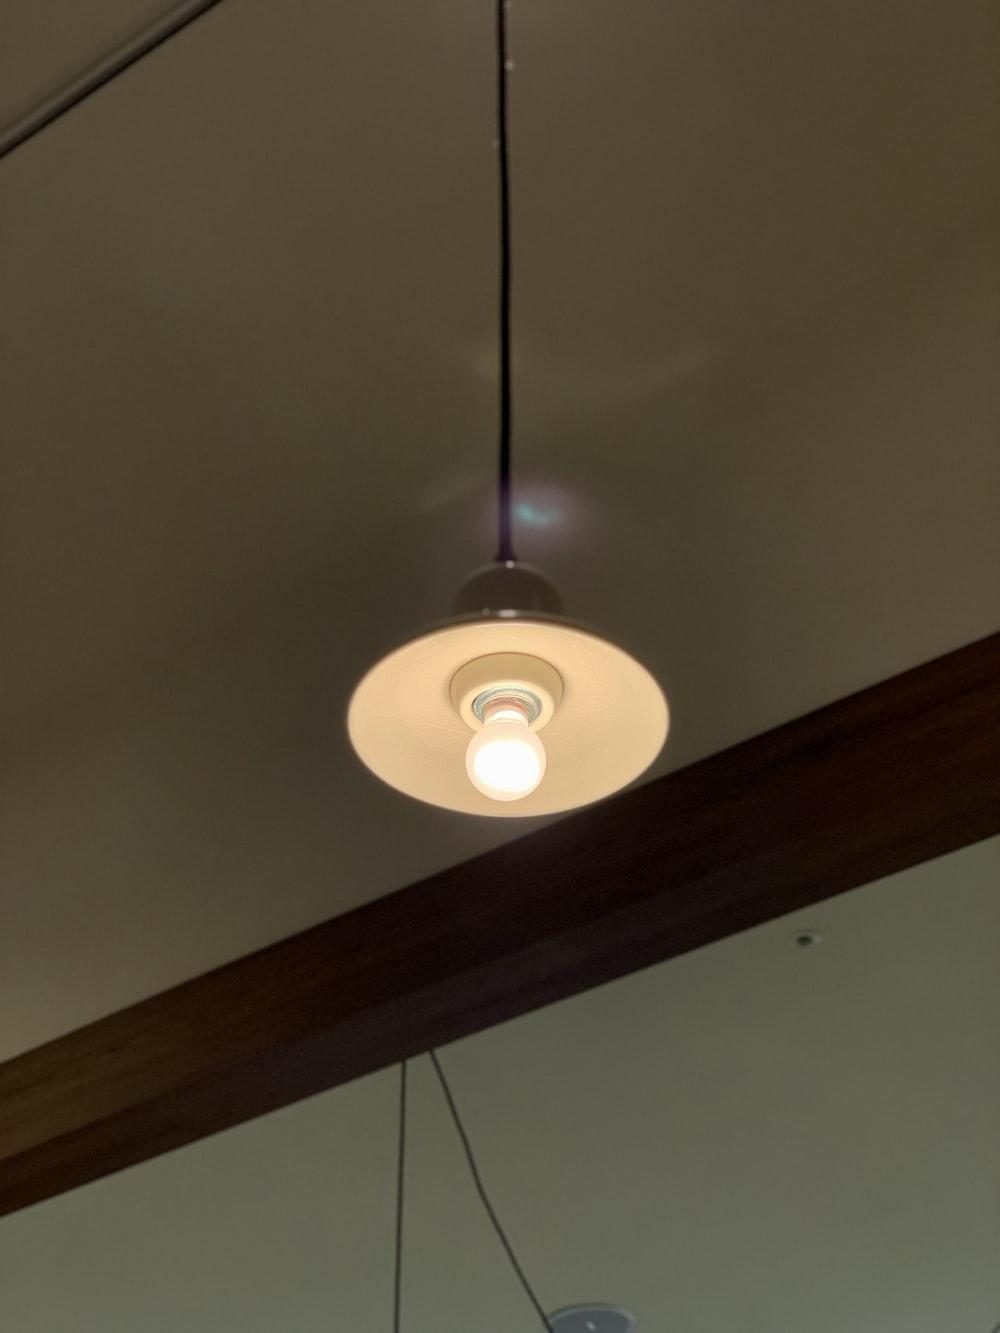 turned-on lamp